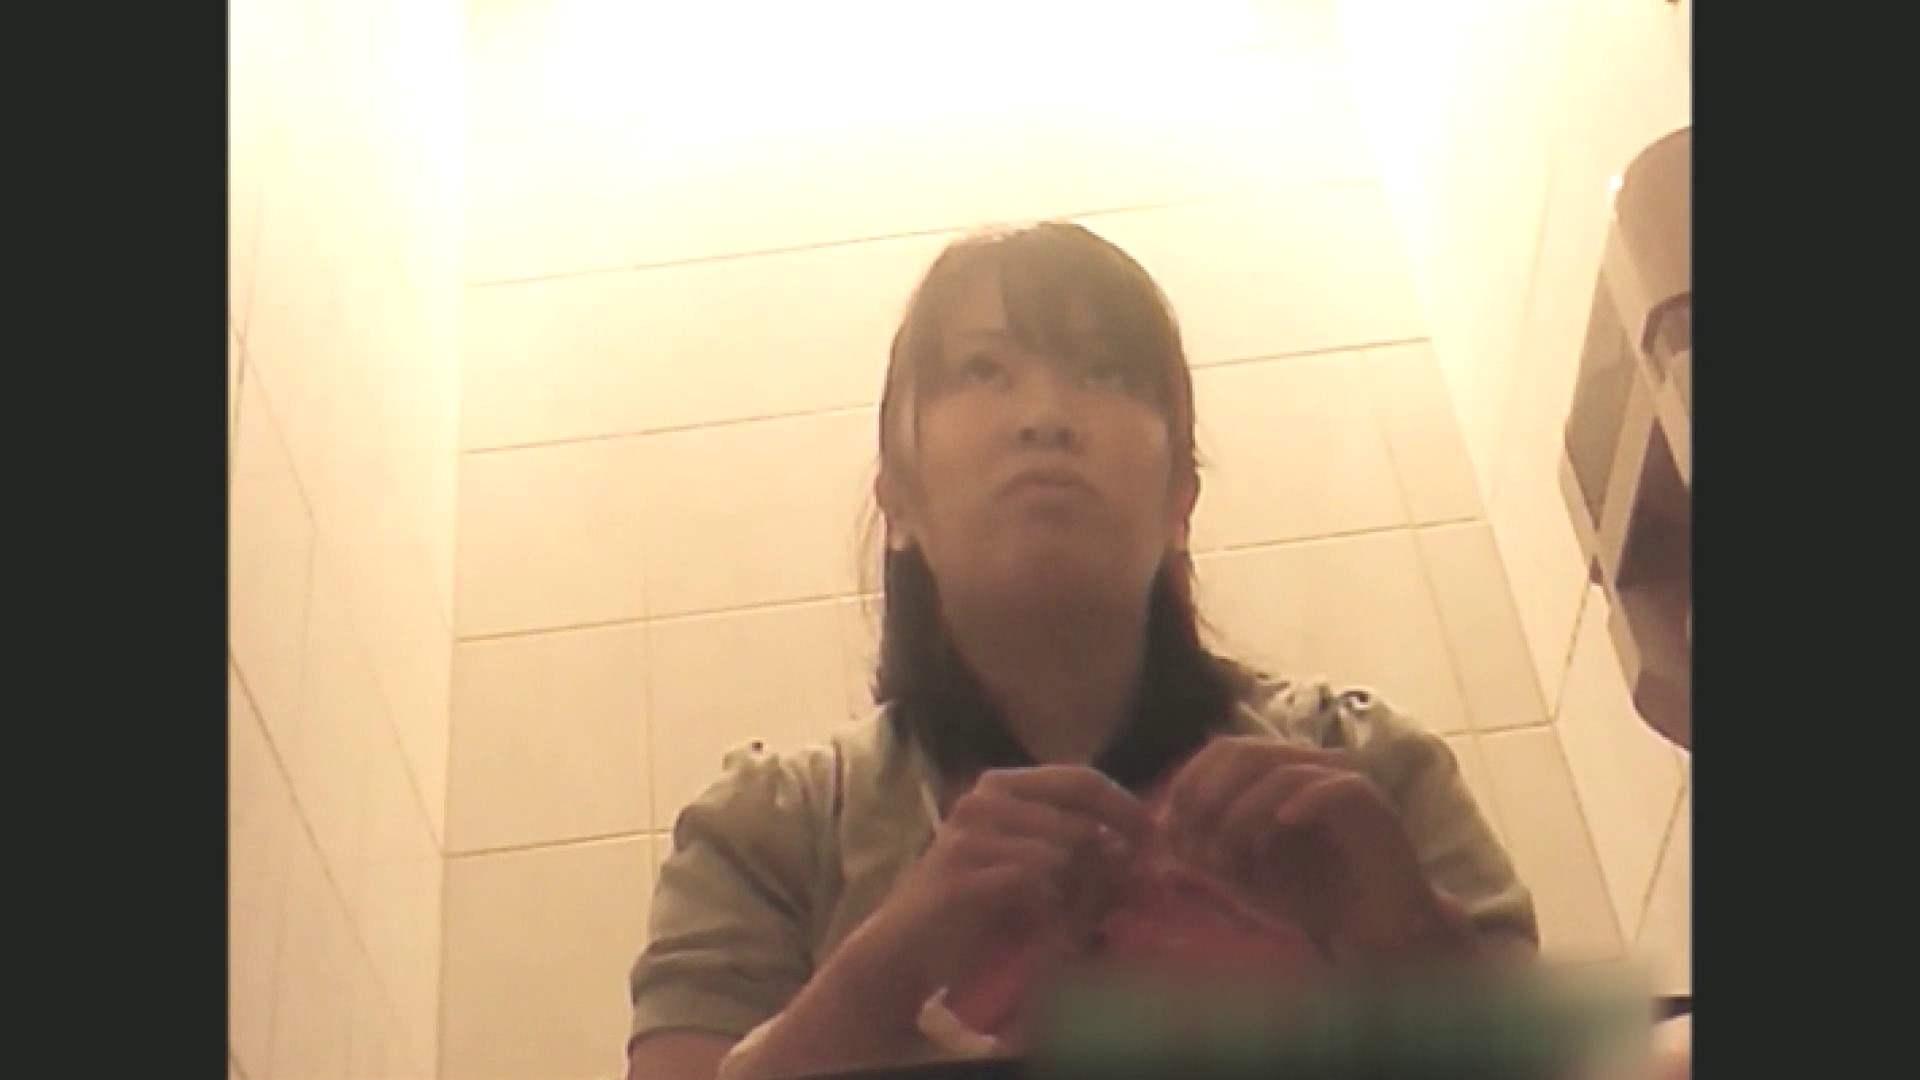 実録!!綺麗なお姉さんのトイレ事情・・・。vol.1 OL  28連発 13